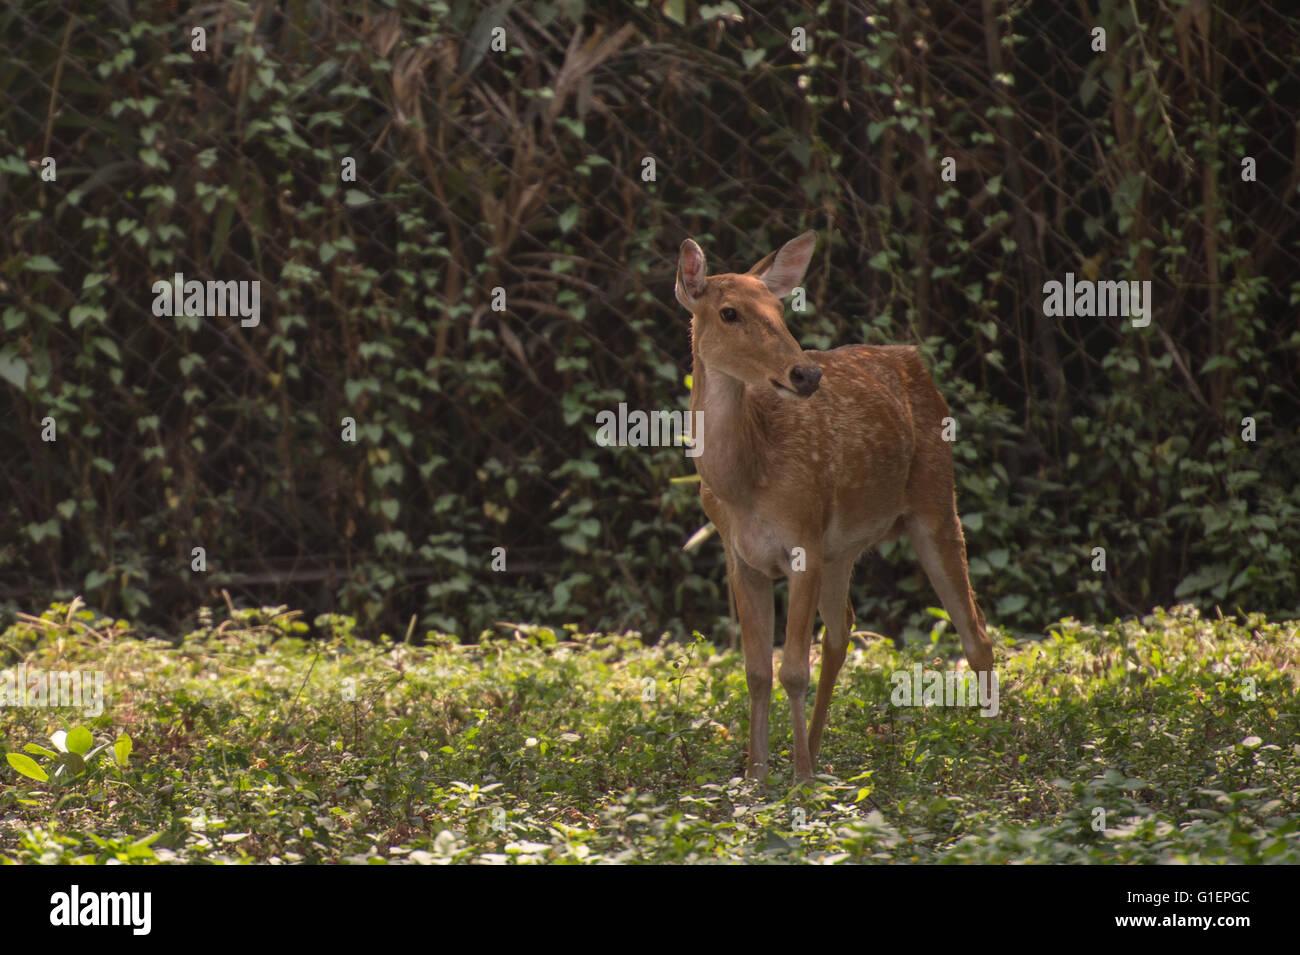 Le cerf des marais, barasingha, Rucervus duvaucelii, cervidés, Inde, Asie Photo Stock